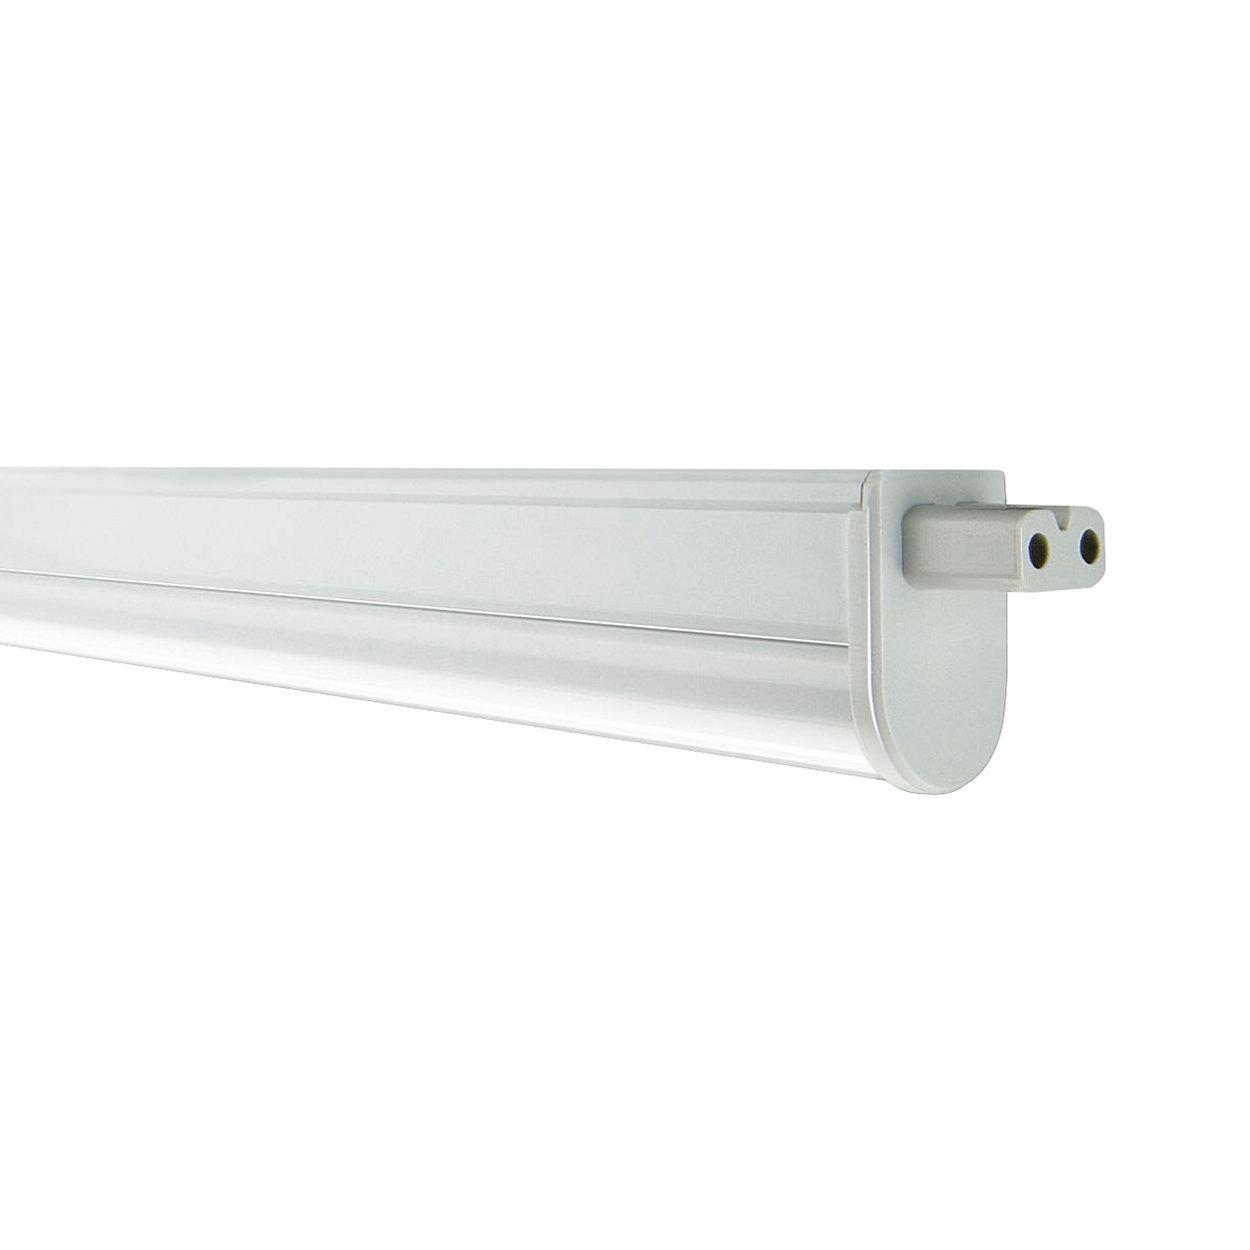 Светильник светодиодный Т5 LED 14Вт 1200мм 4000К 1200Lm линейный, мебельный Philips